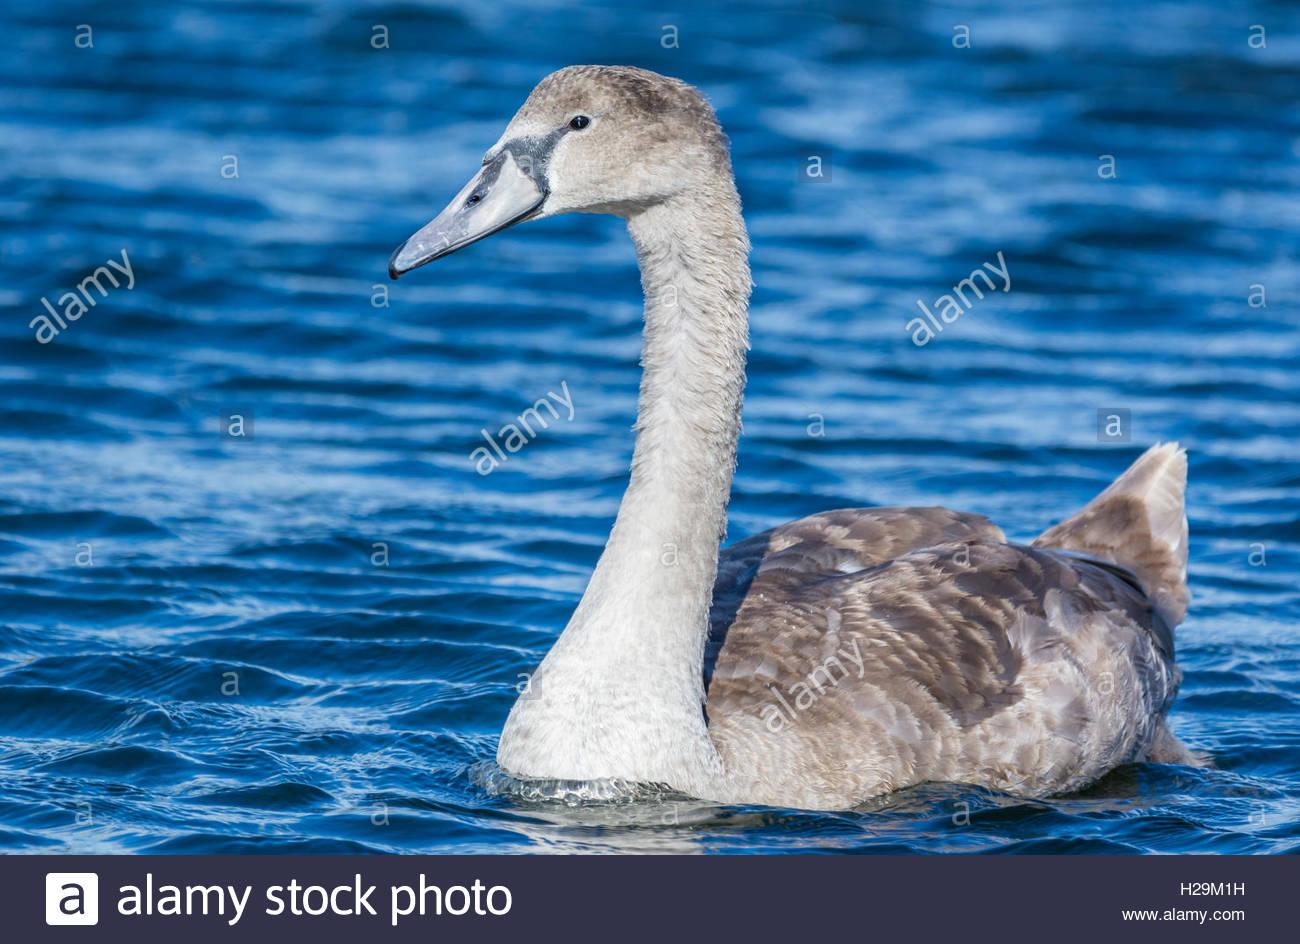 Cisne Blanco cygnet (Cygnus olor) nadando en un lago azul entrecortado. Imagen De Stock